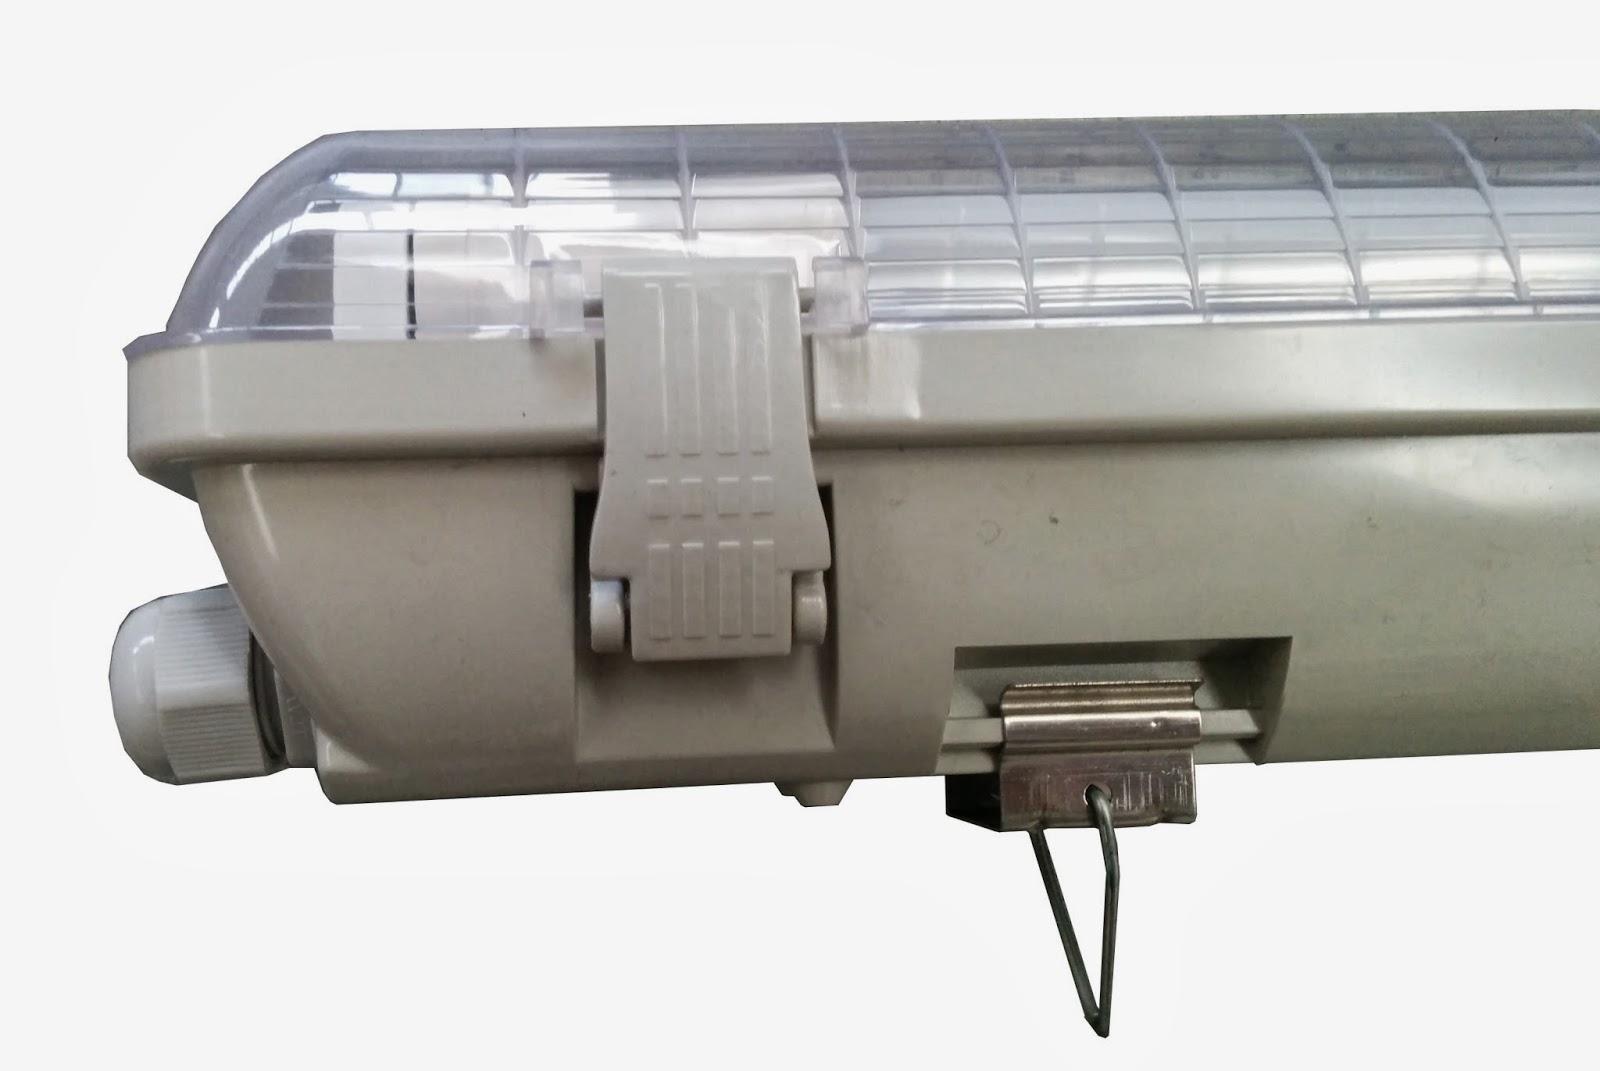 Plafoniera Con Tubo Led : Illuminazione led: plafoniere stagne tubolari per tubi led t8